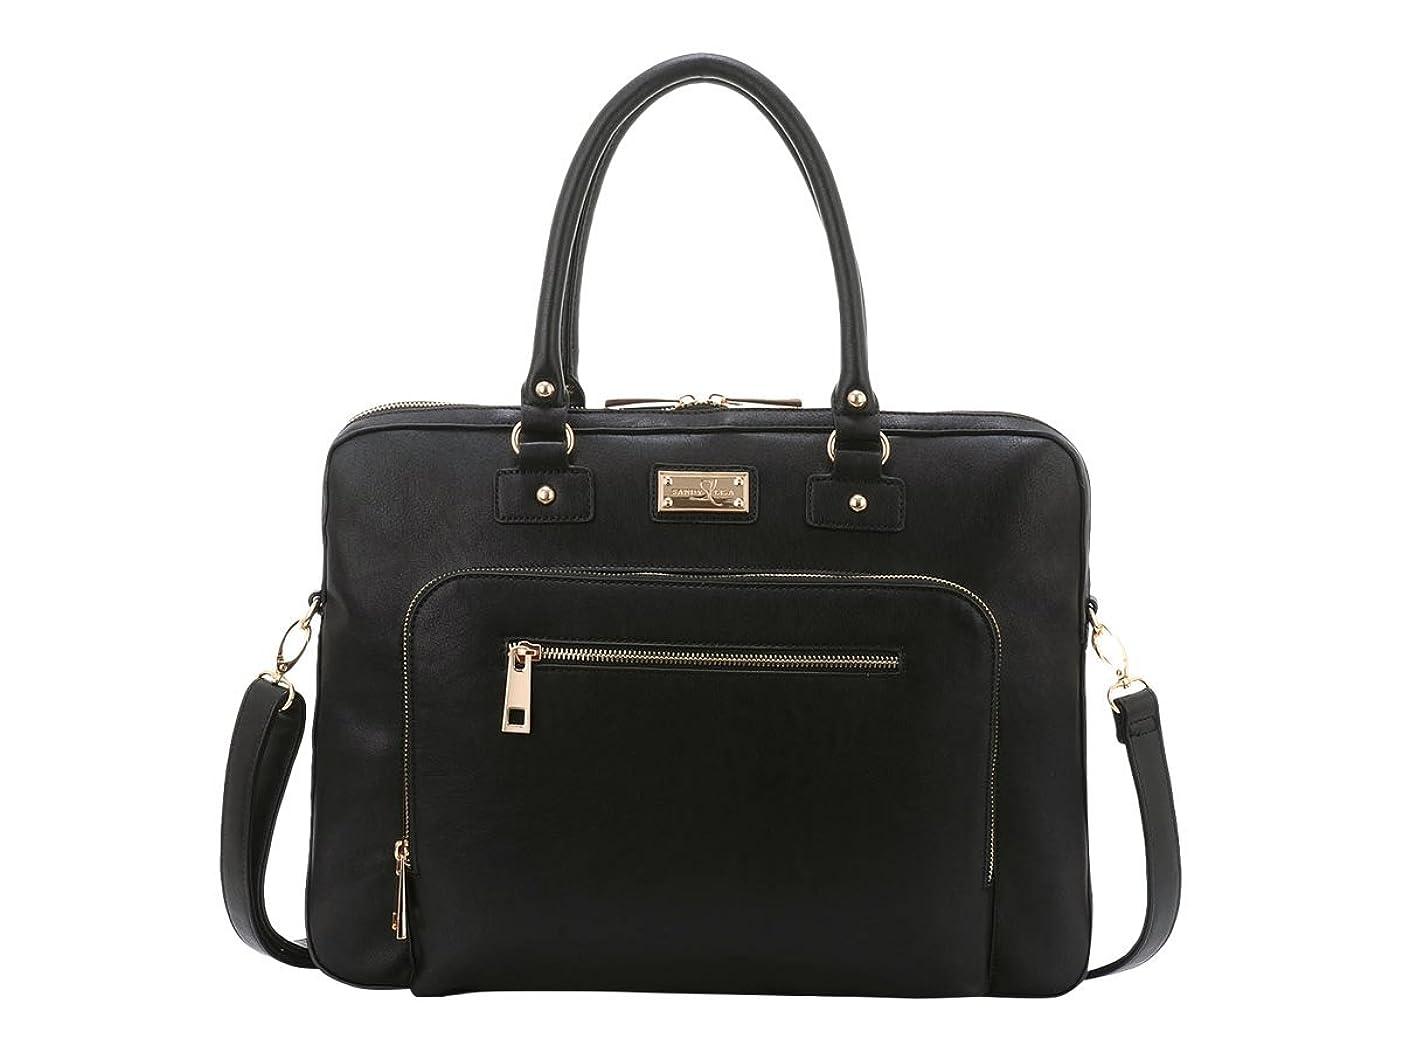 Sandy Lisa SLLDN-BKBK-14 London Notebook Carrying Case 15.6